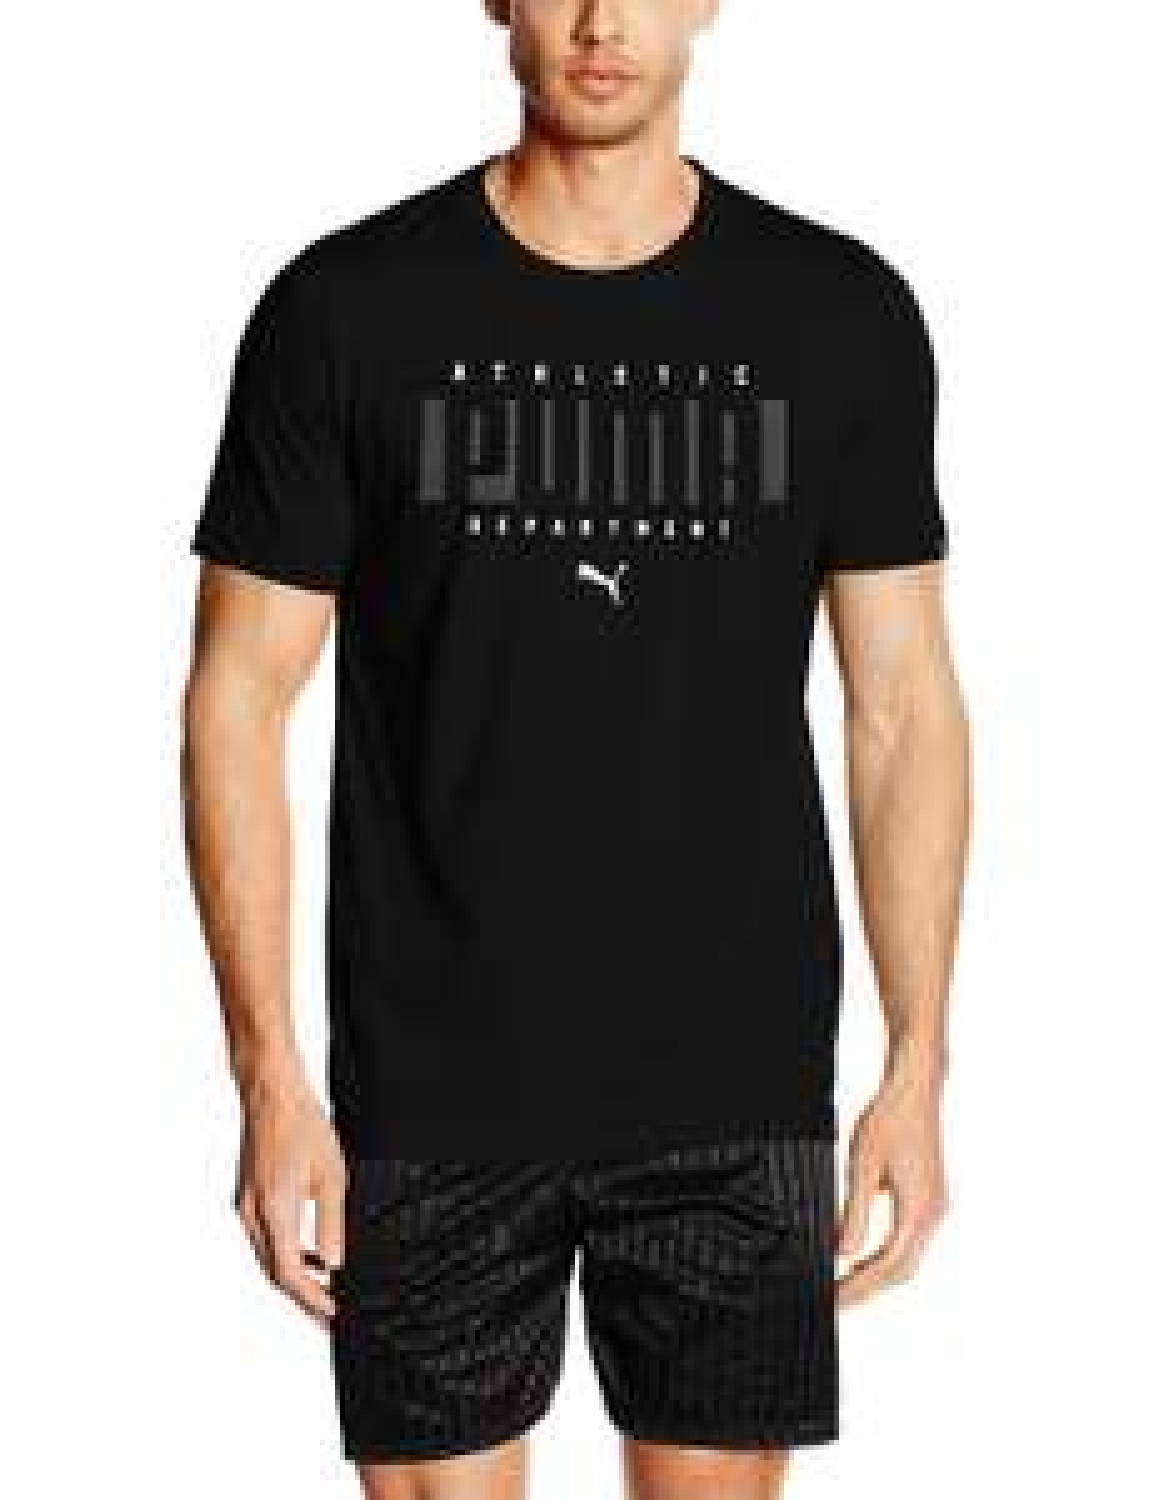 PUMA Herren T-shirt Athletic Tee verschiedene Farben / Größen: S - XXL ab 7,35€ statt ab 23,98€  [Amazon Prime]